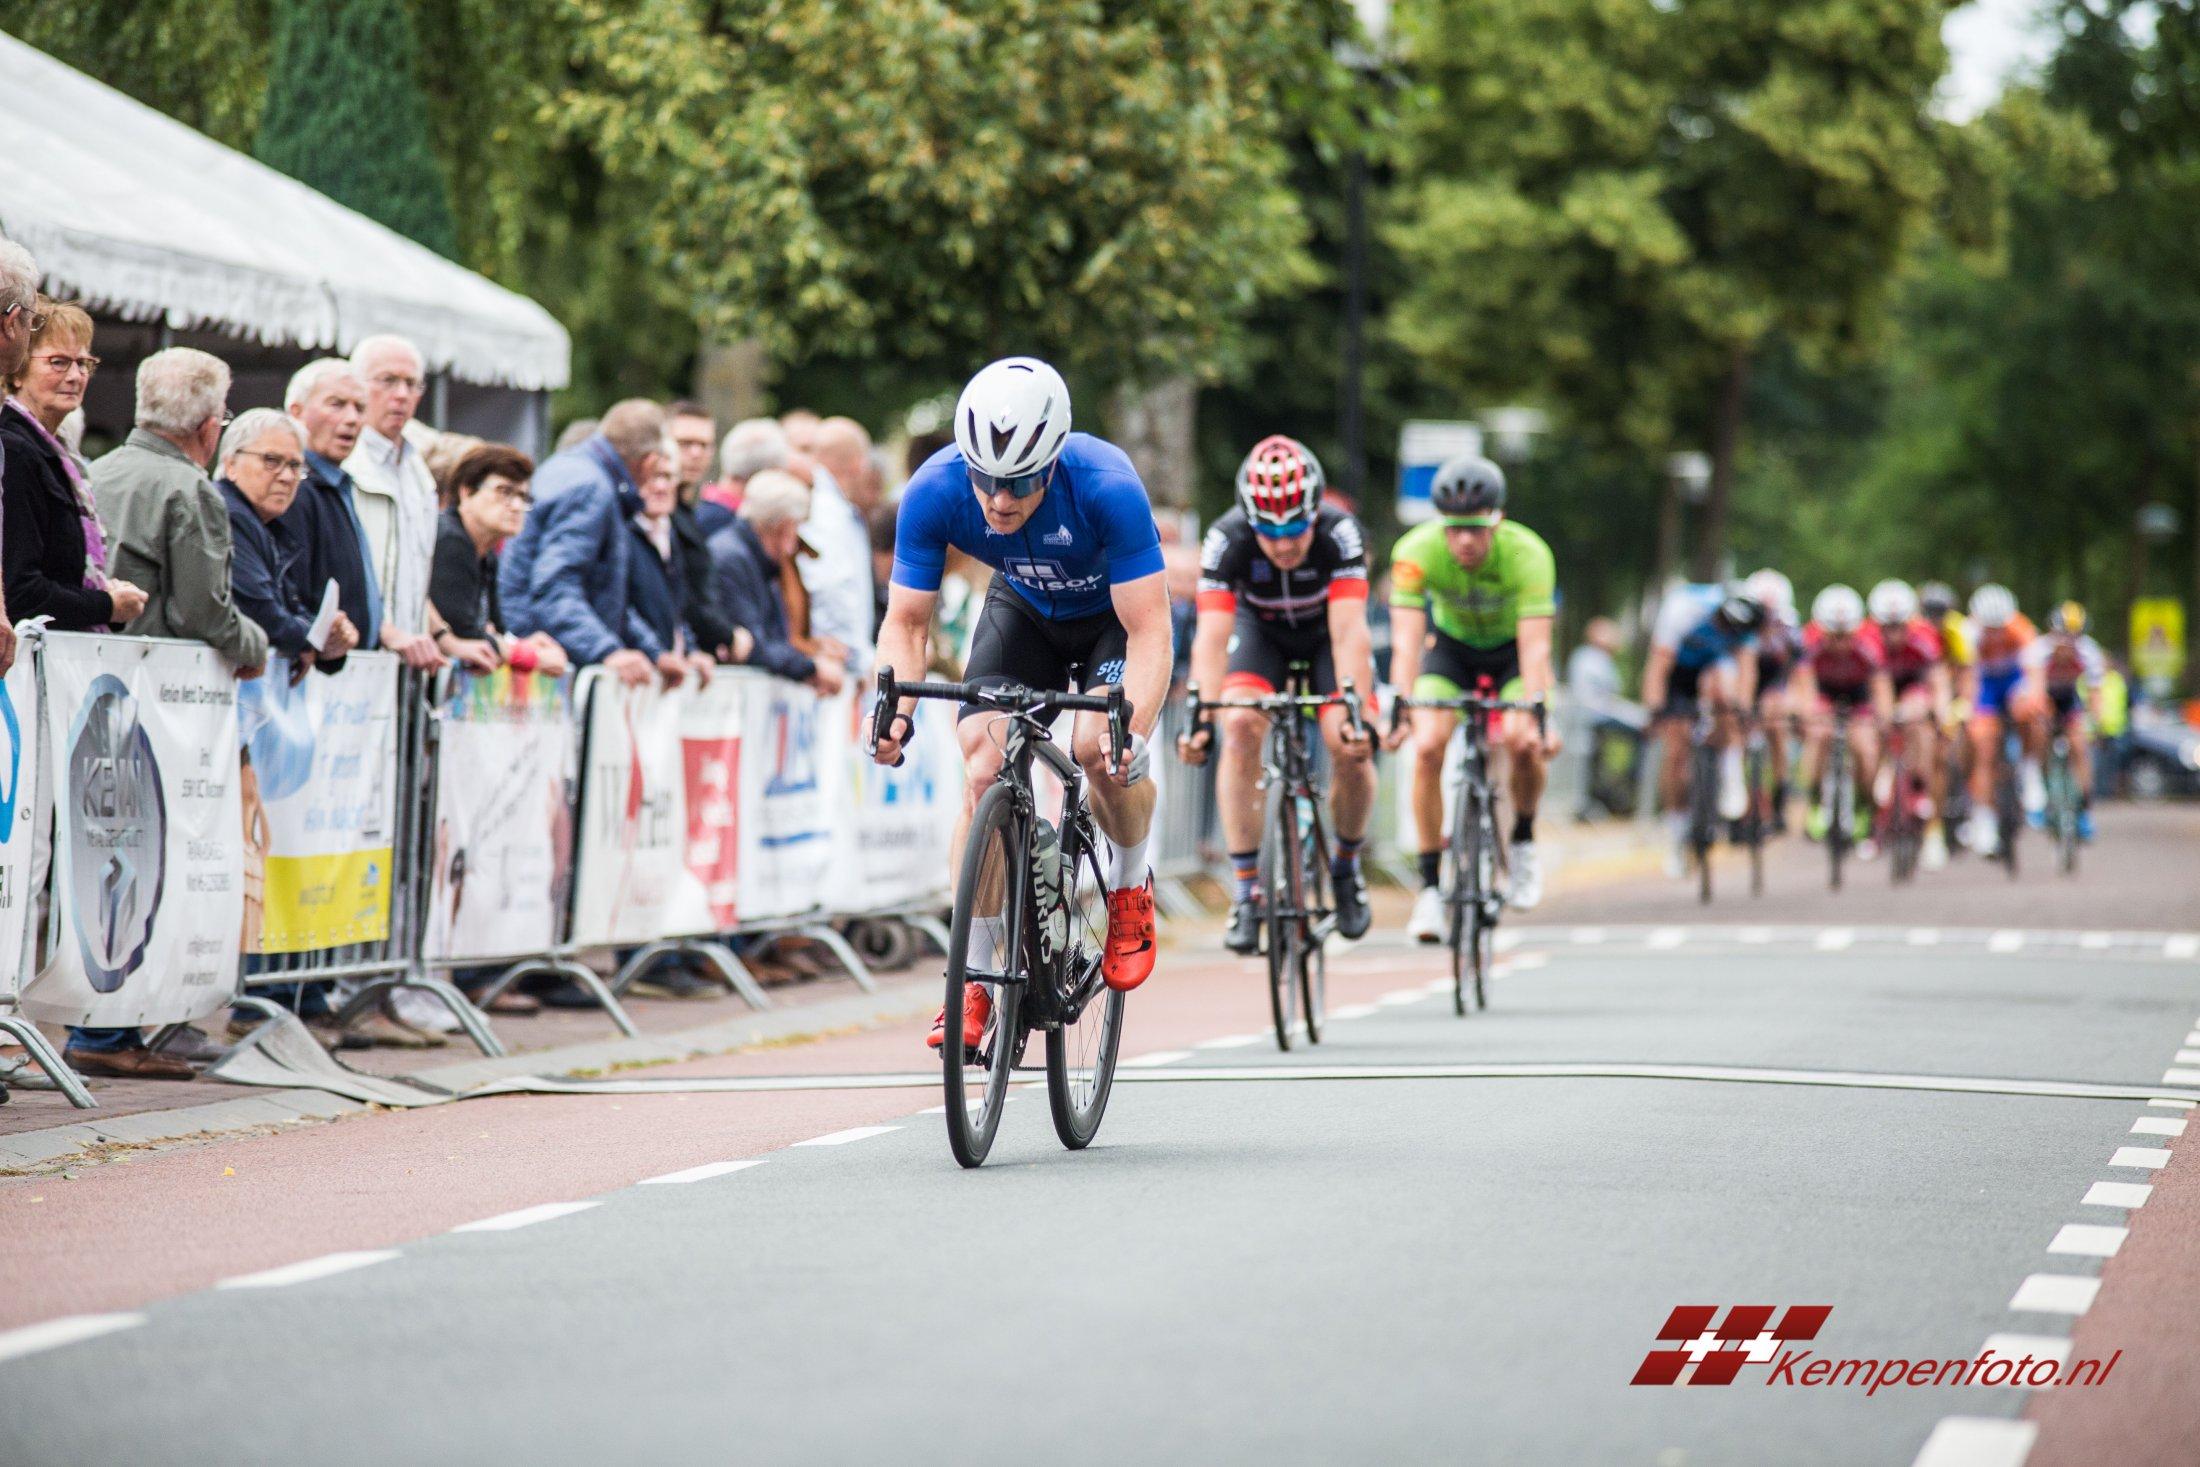 Kempenklassement Riethoven (10 Van 24)